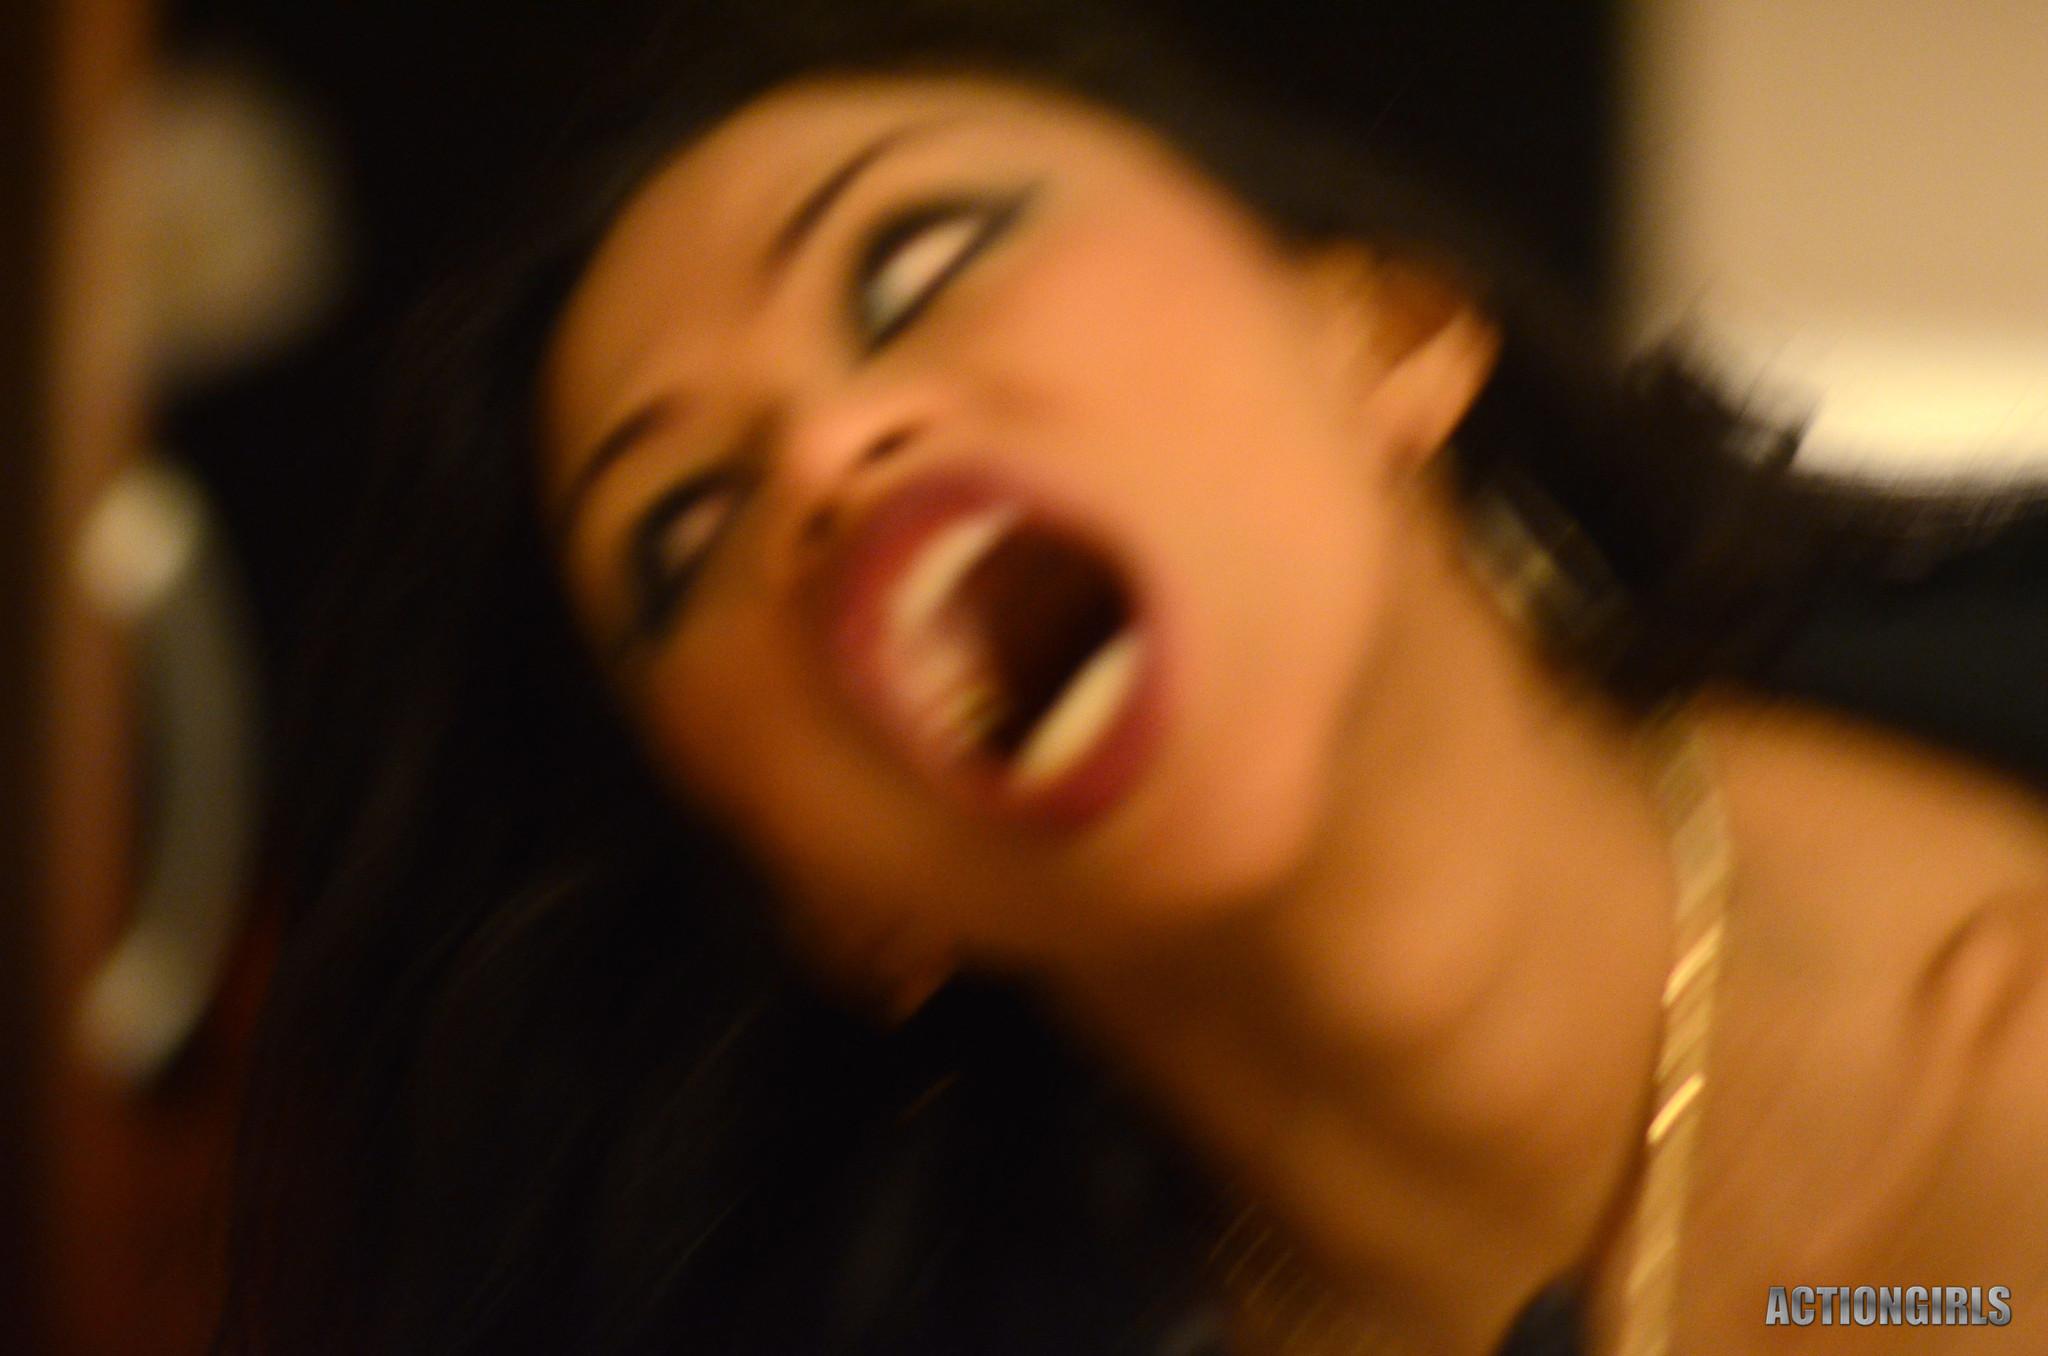 Сексуальная девушка вампир не только выпьет вашу кровь, но и наденет откровенное белье, чтобы свести с ума